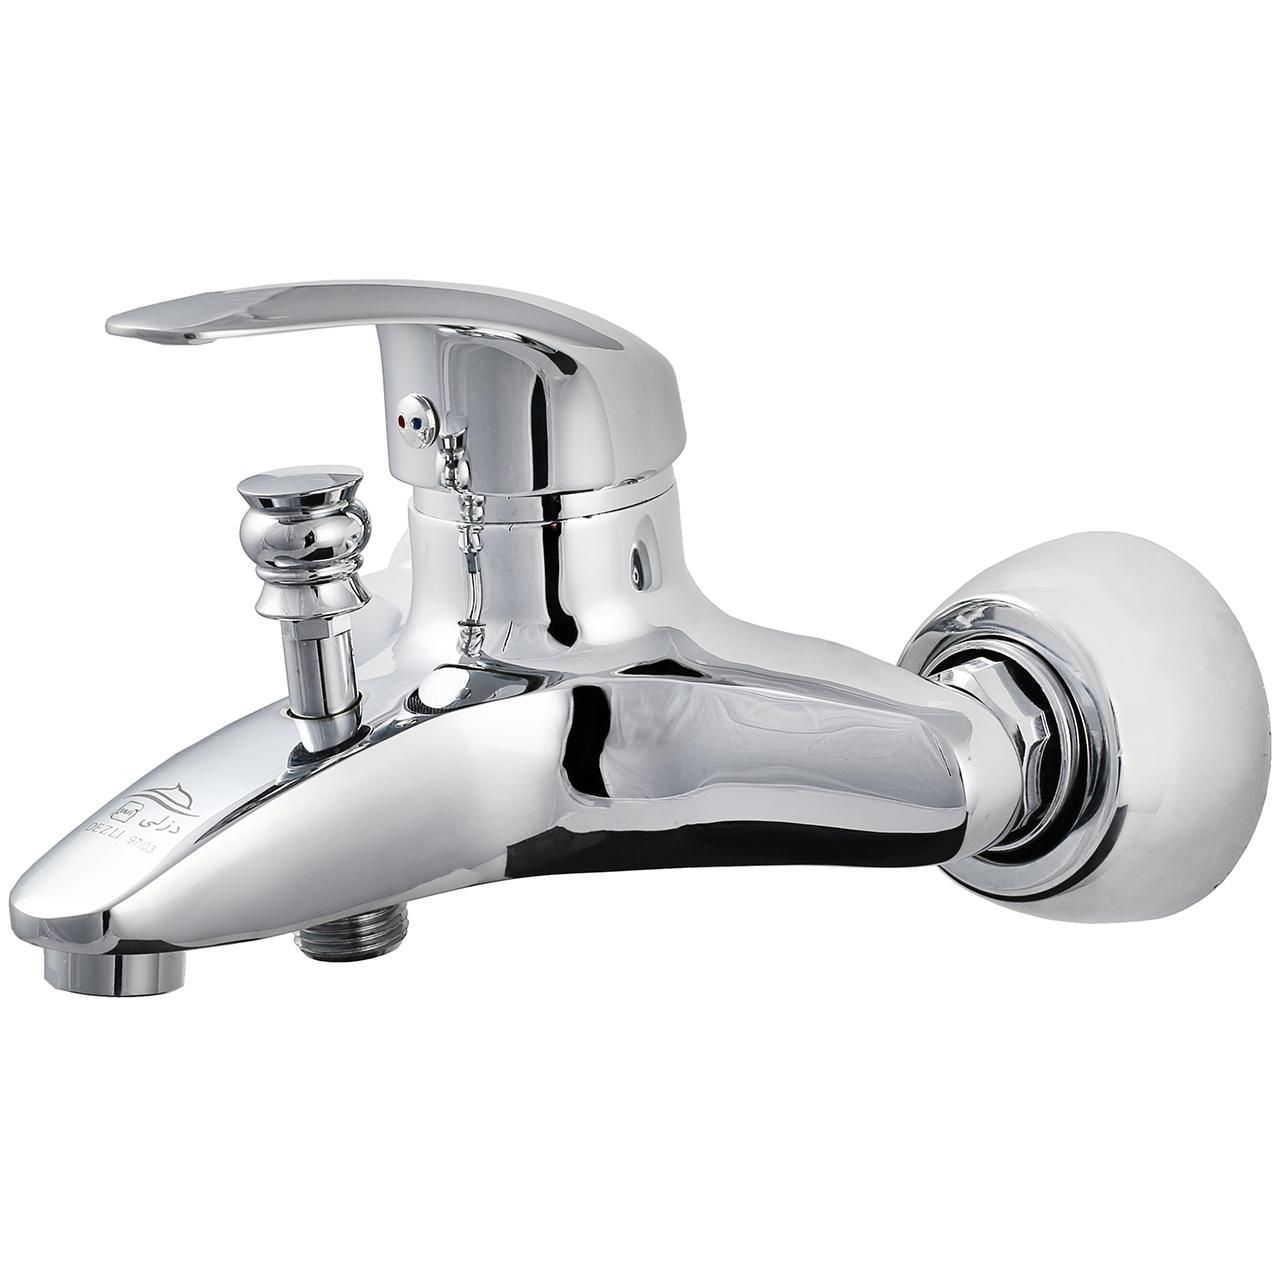 شیر حمام دزلی مدل ونیز              خرید و قیمت